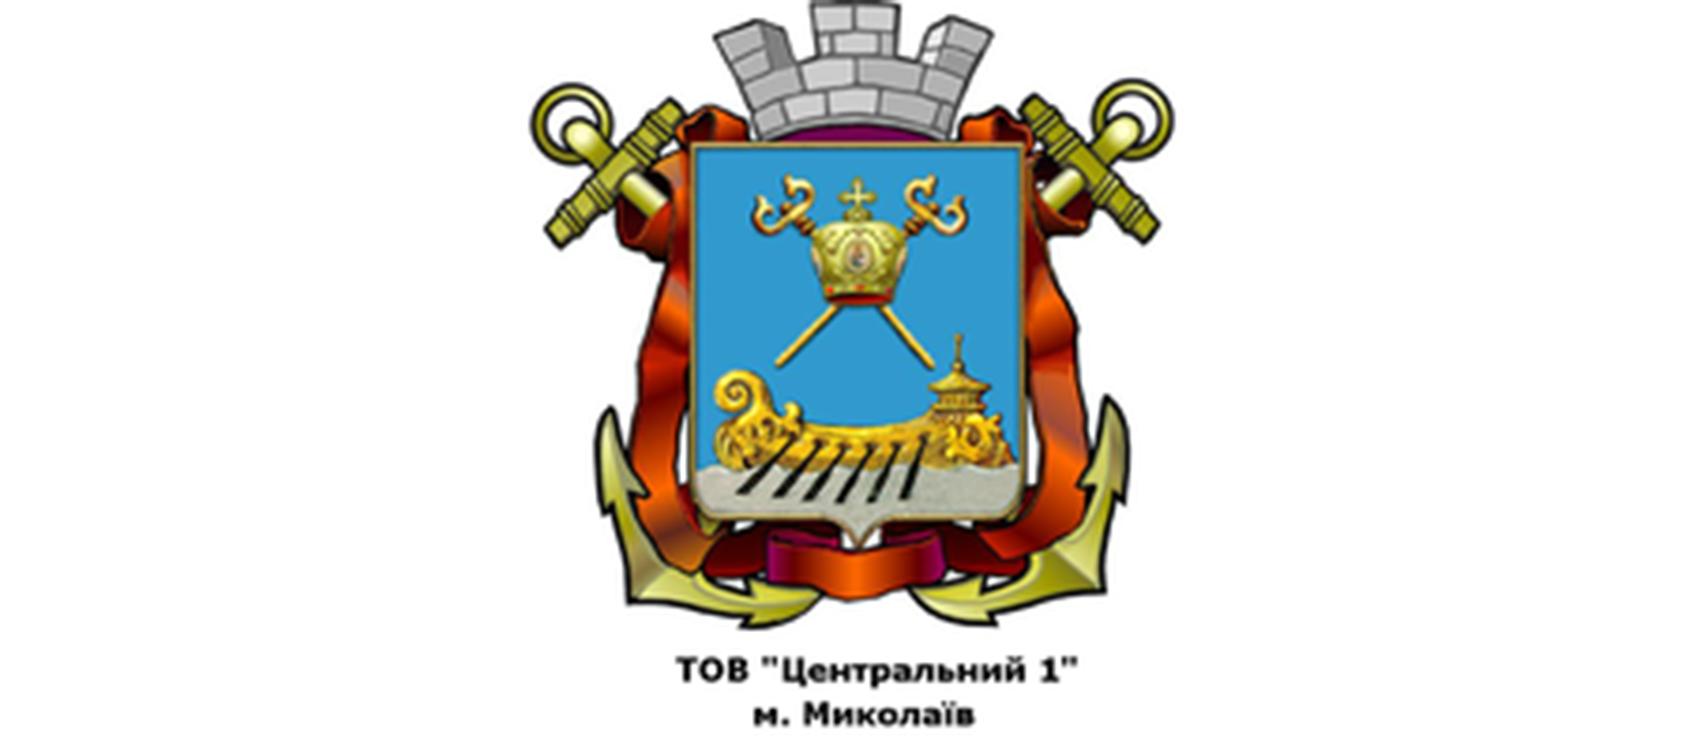 ТОВ Центральний 1  (Миколаїв)